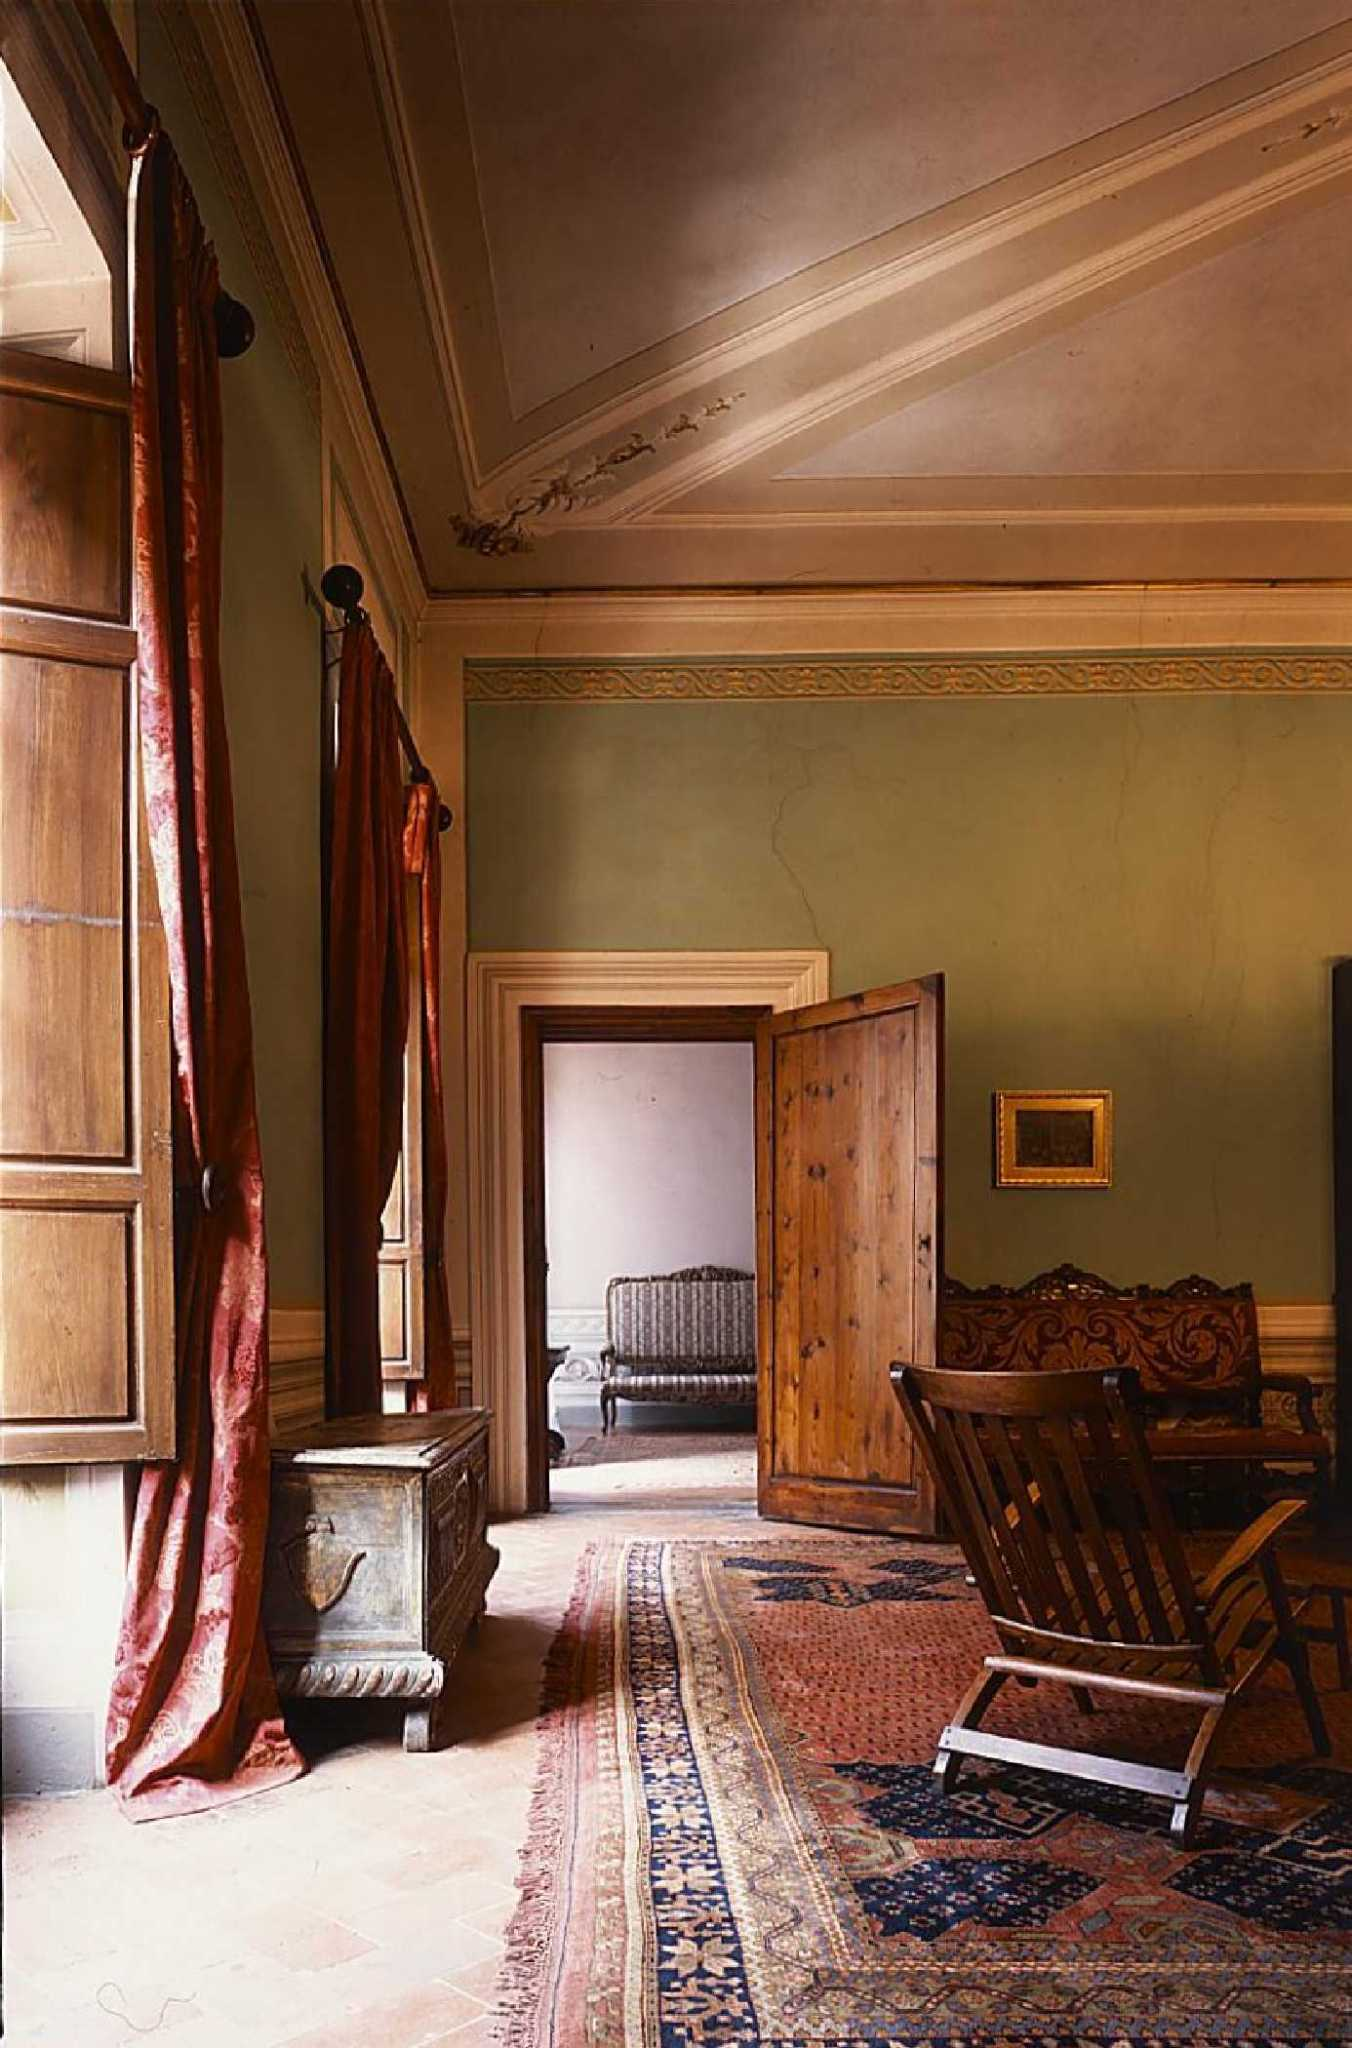 Casa_Guidi_view_through_door0001-1